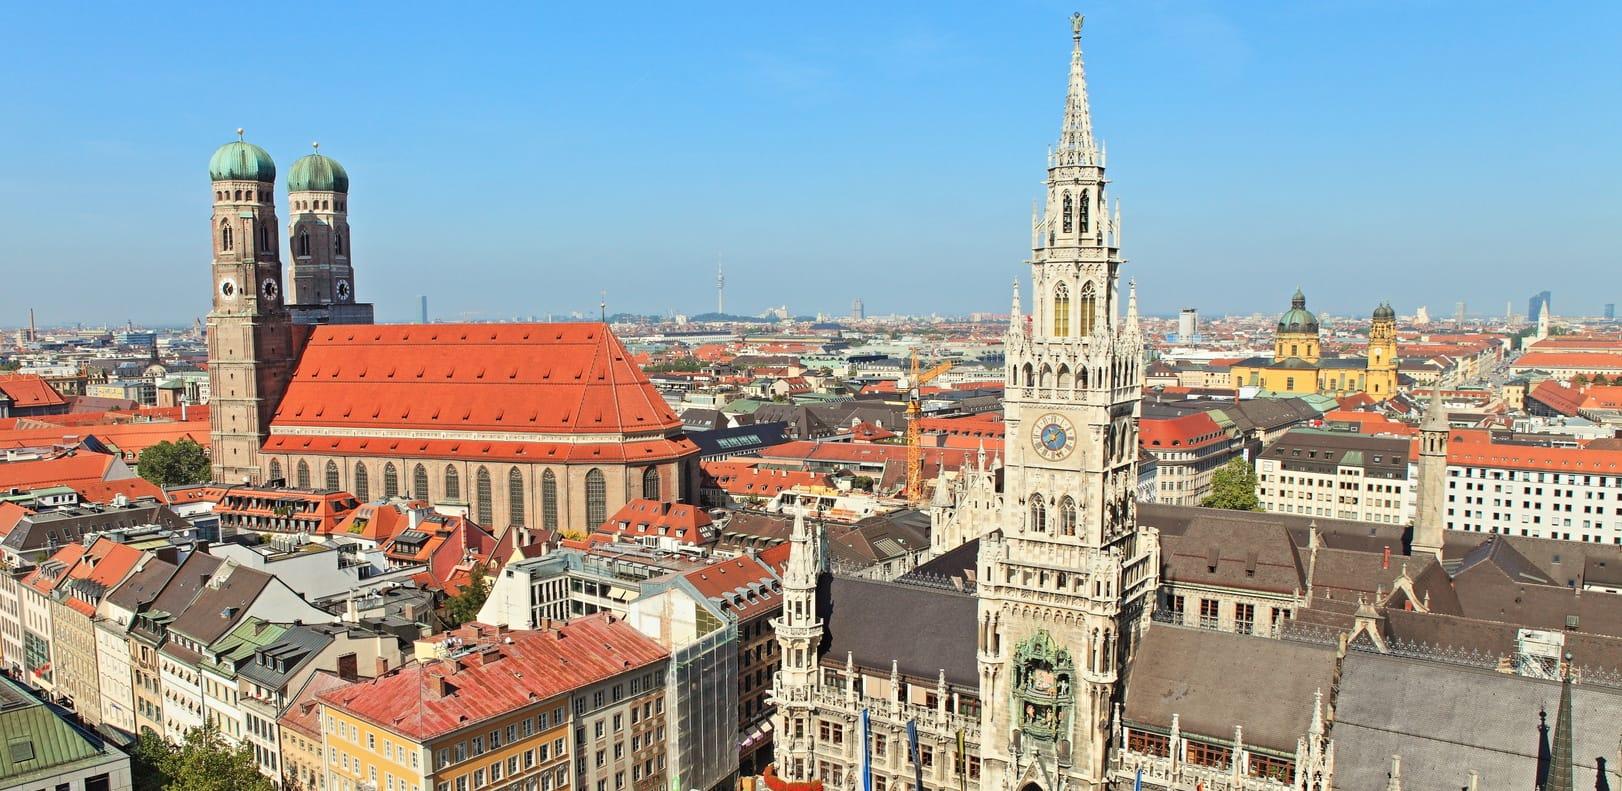 München, Marienplatz München, Marienplatz,Sehenswürdigkeit, Reiseführer, Reisetipps, Highlights, Rundgang, Sightseeing, Stadtplan